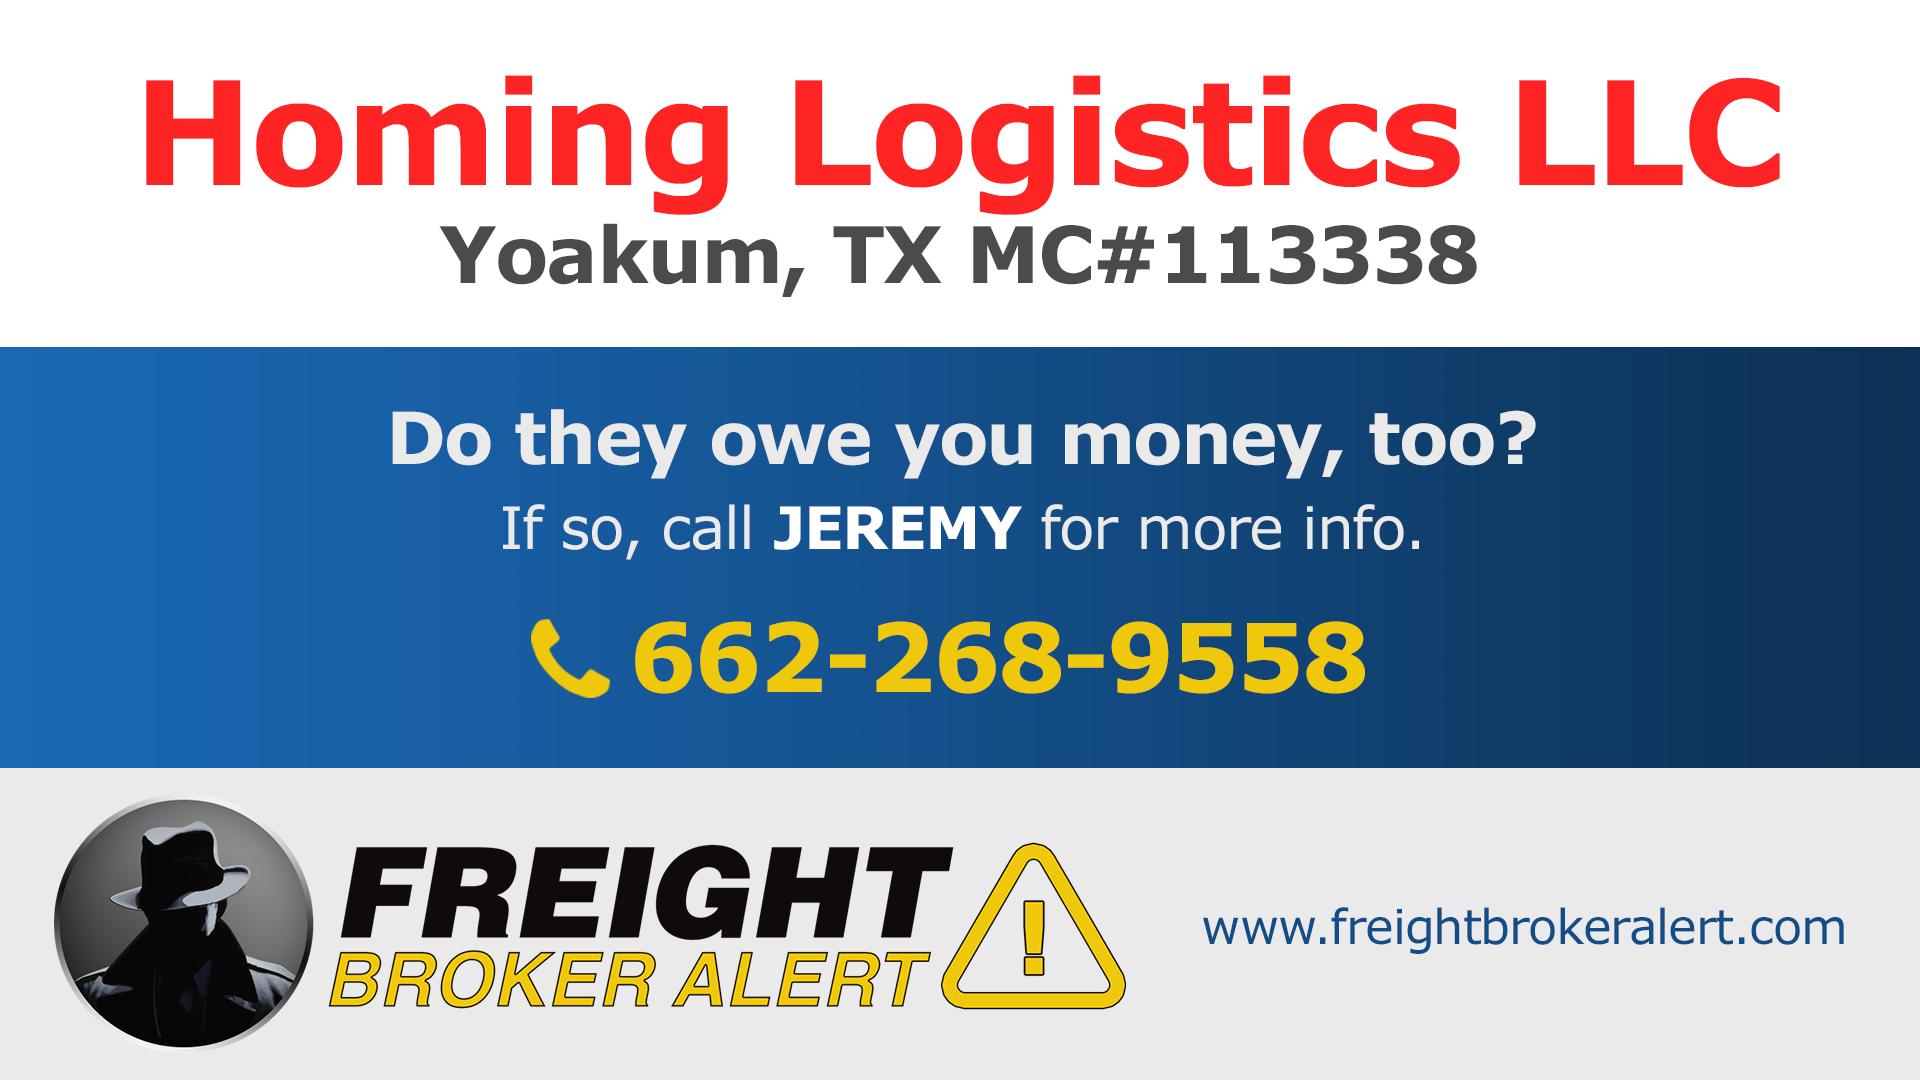 Homing Logistics LLC Texas